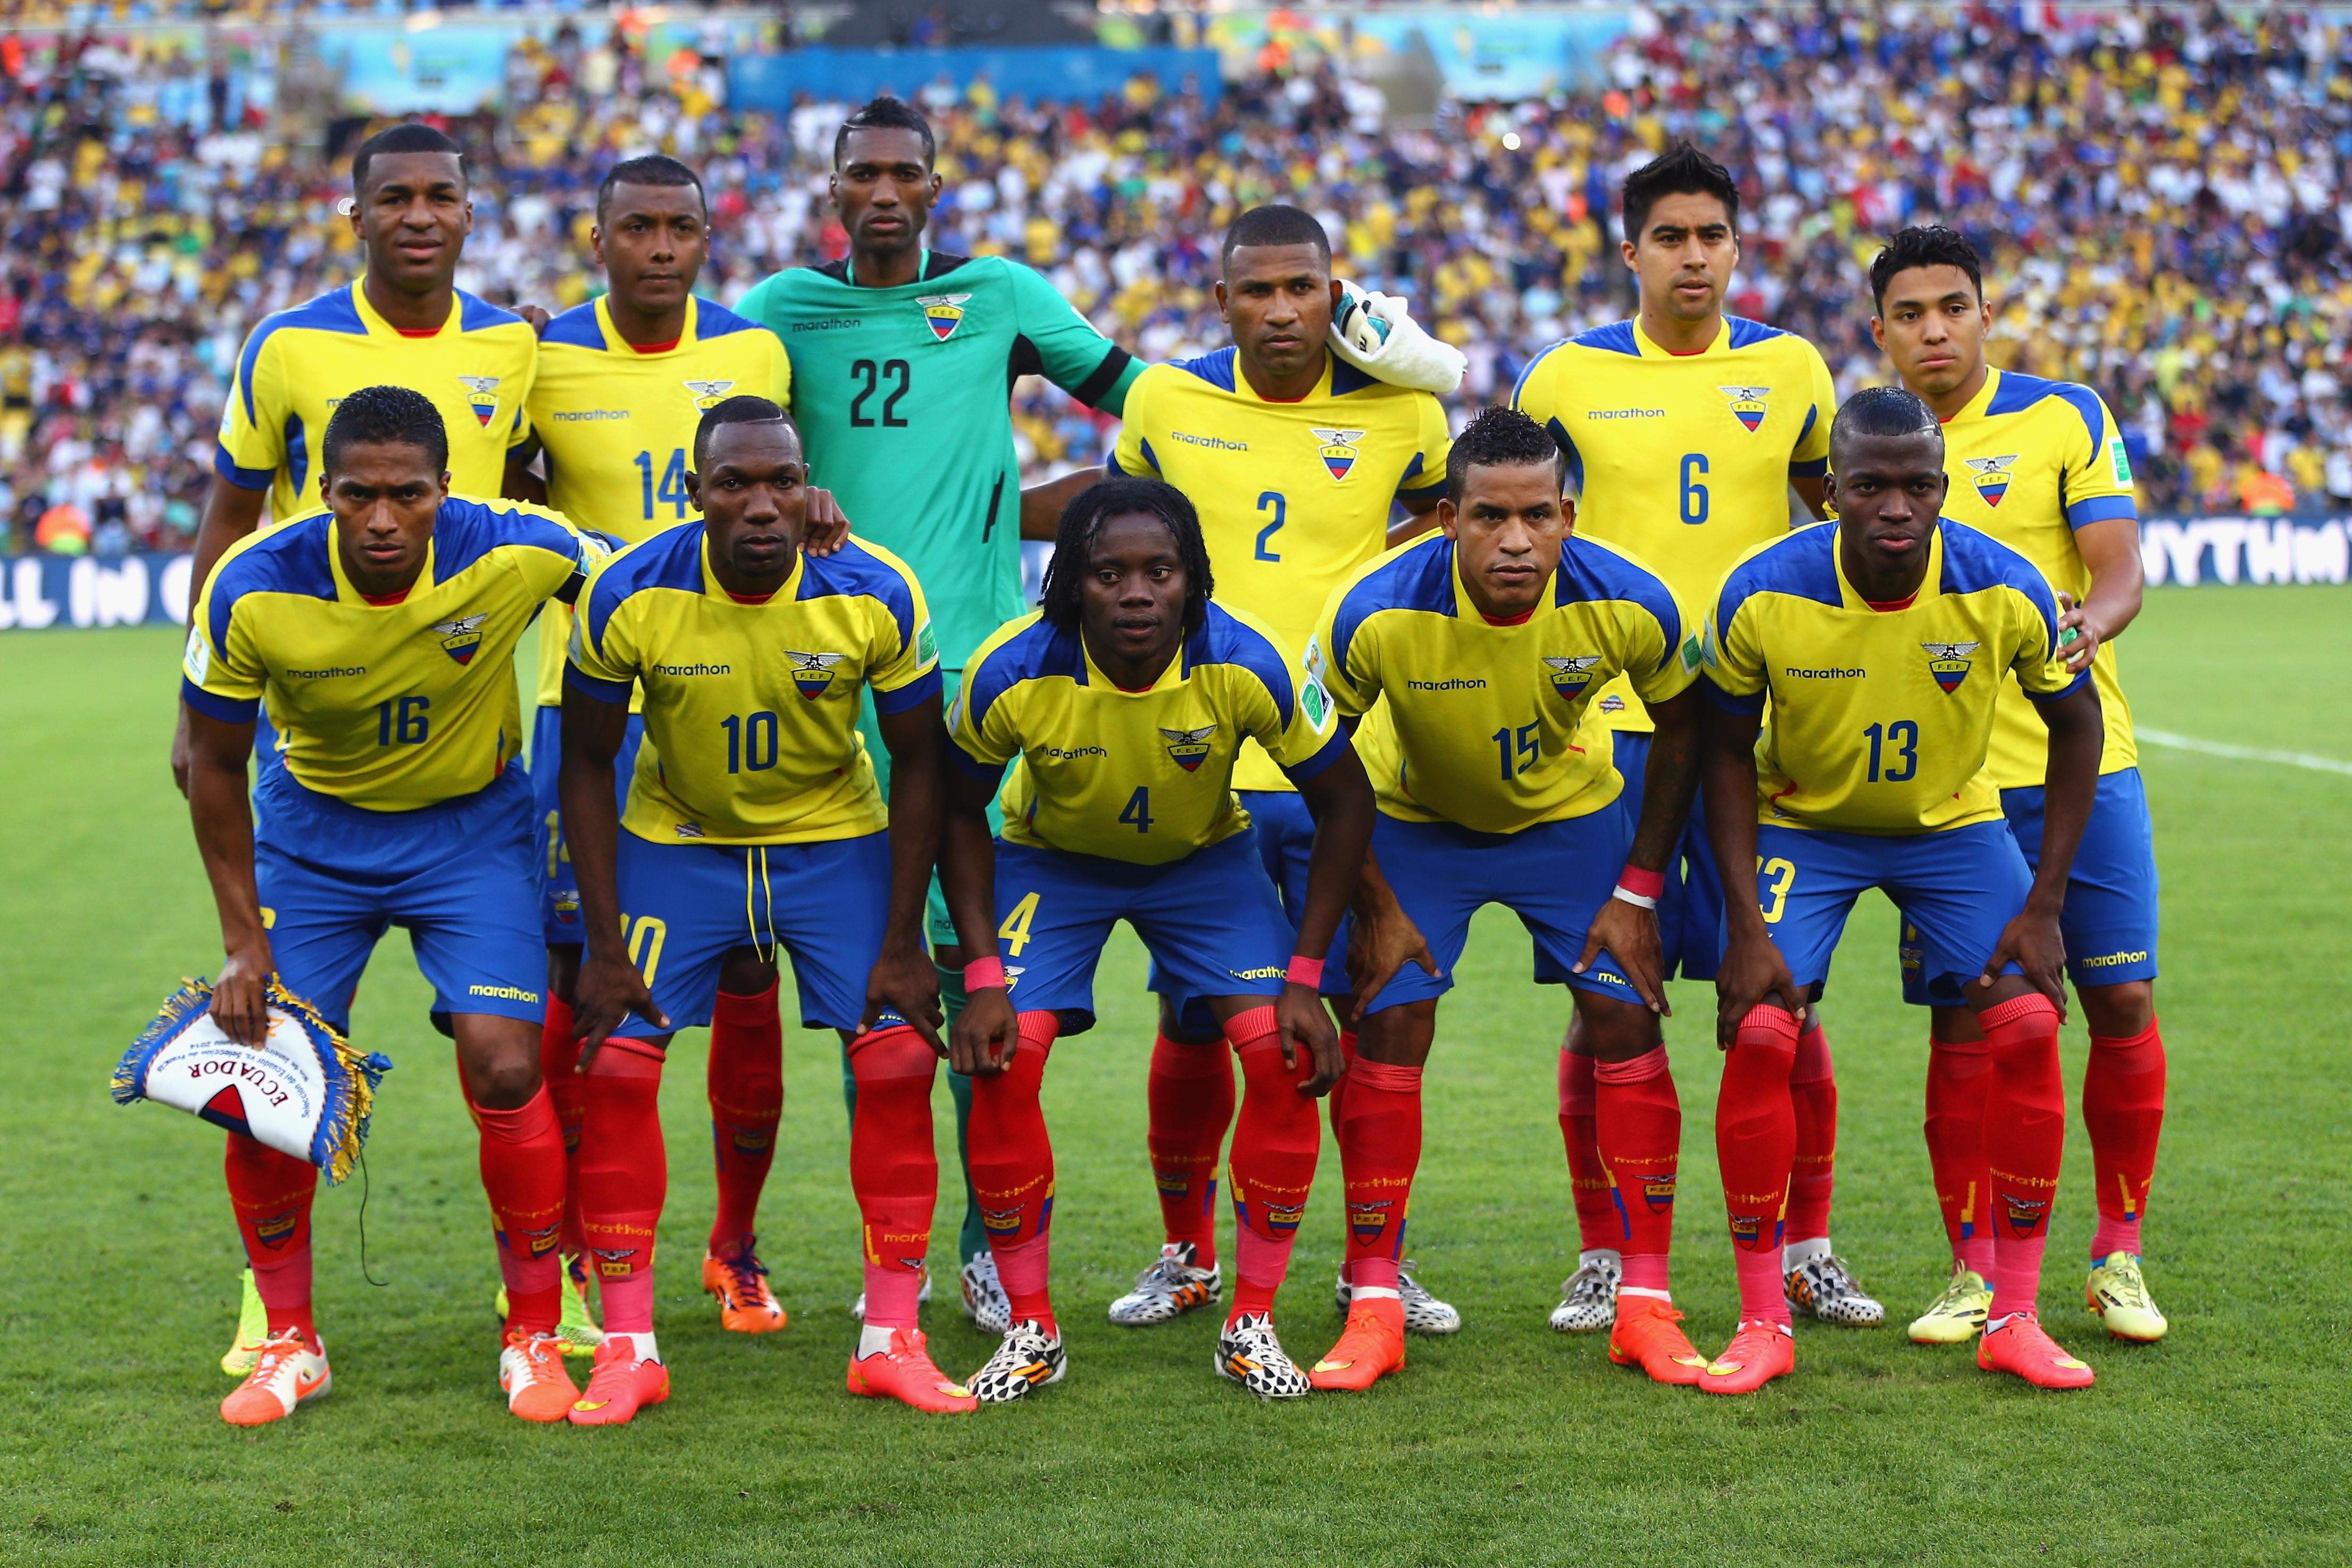 Еквадор – Франція 0:0. Збій системи - изображение 4